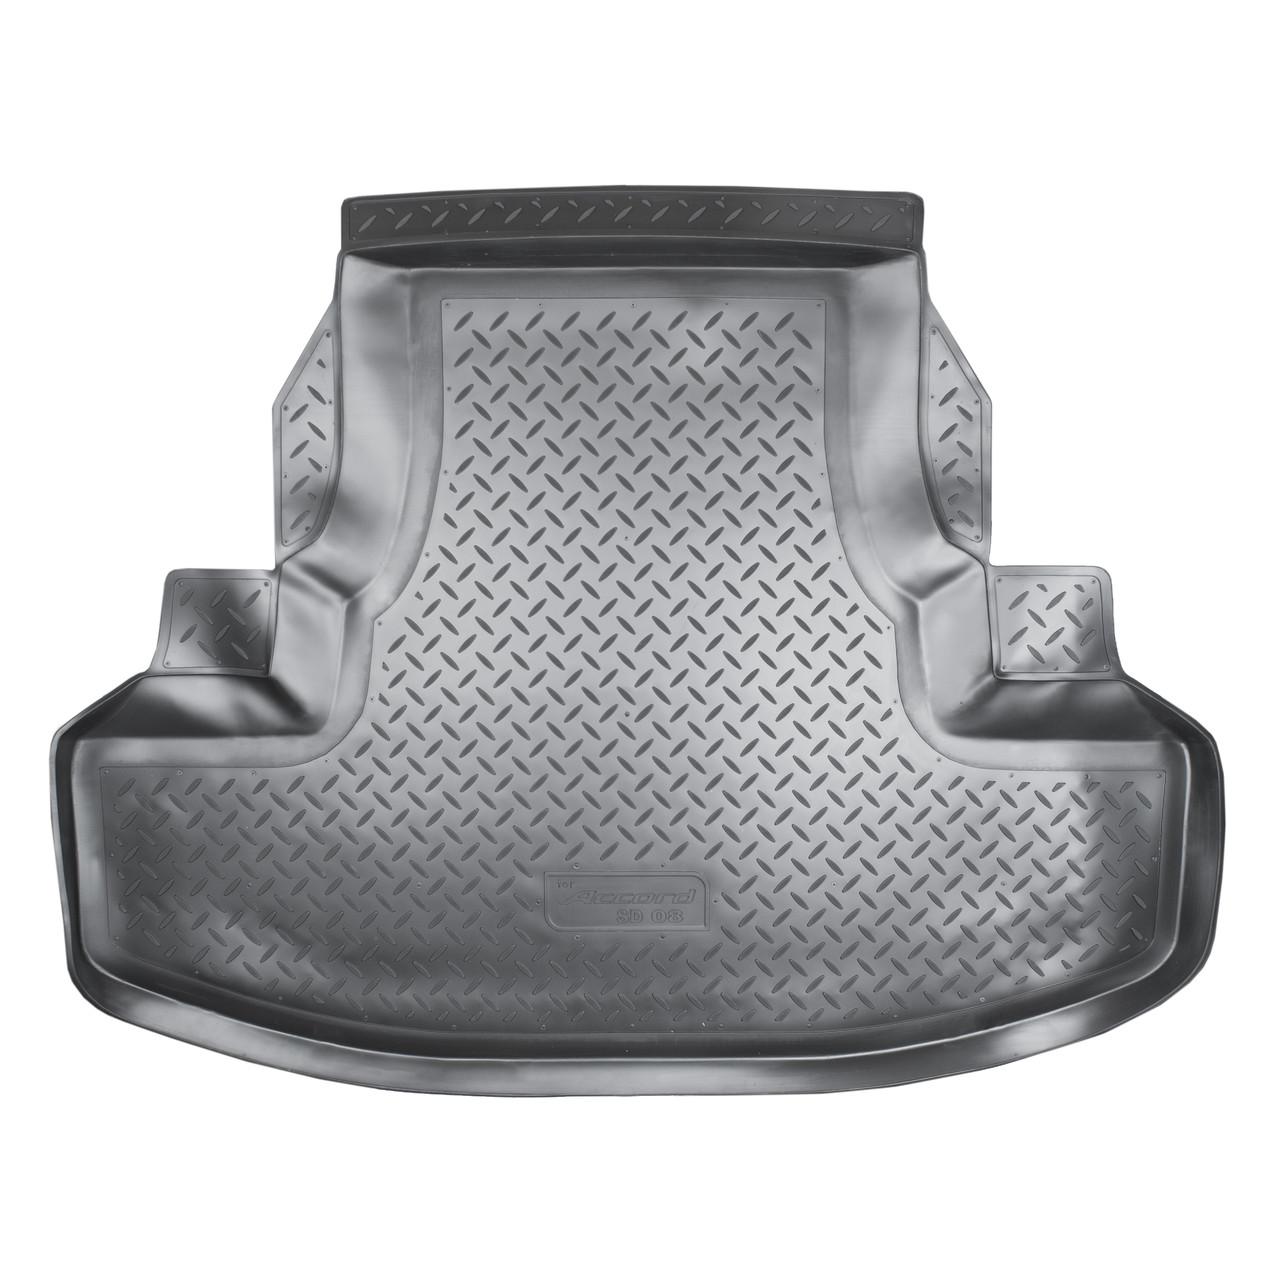 Коврик в багажник Honda Accord VIII SD (2008-2013)